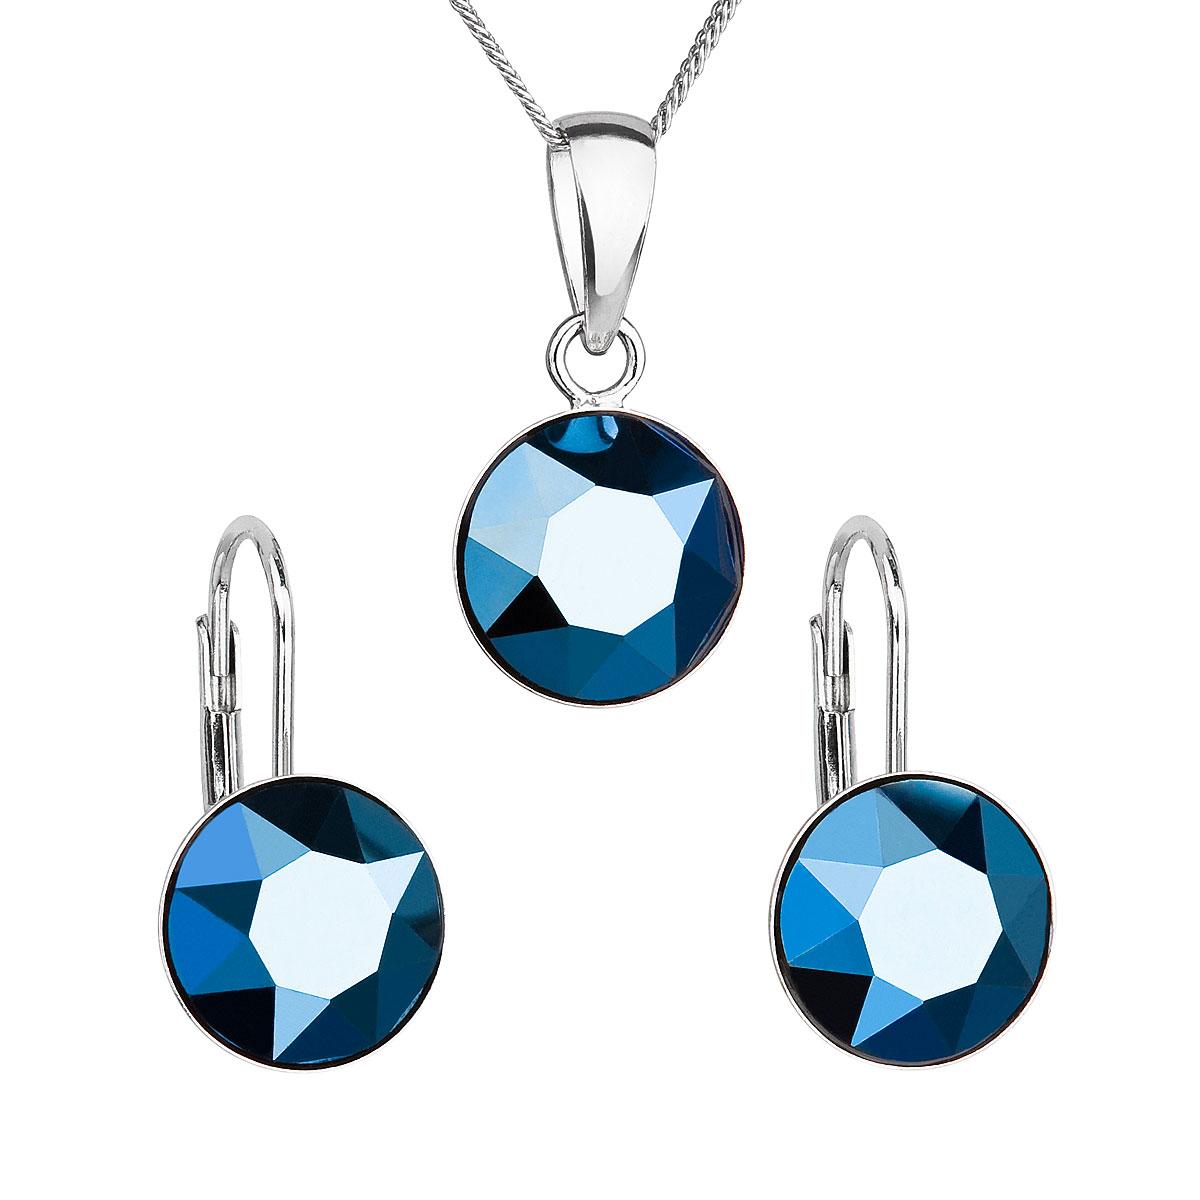 Sada šperkov s krištáľmi Swarovski náušnice, retiazka a prívesok modré okrúhle 39140.5